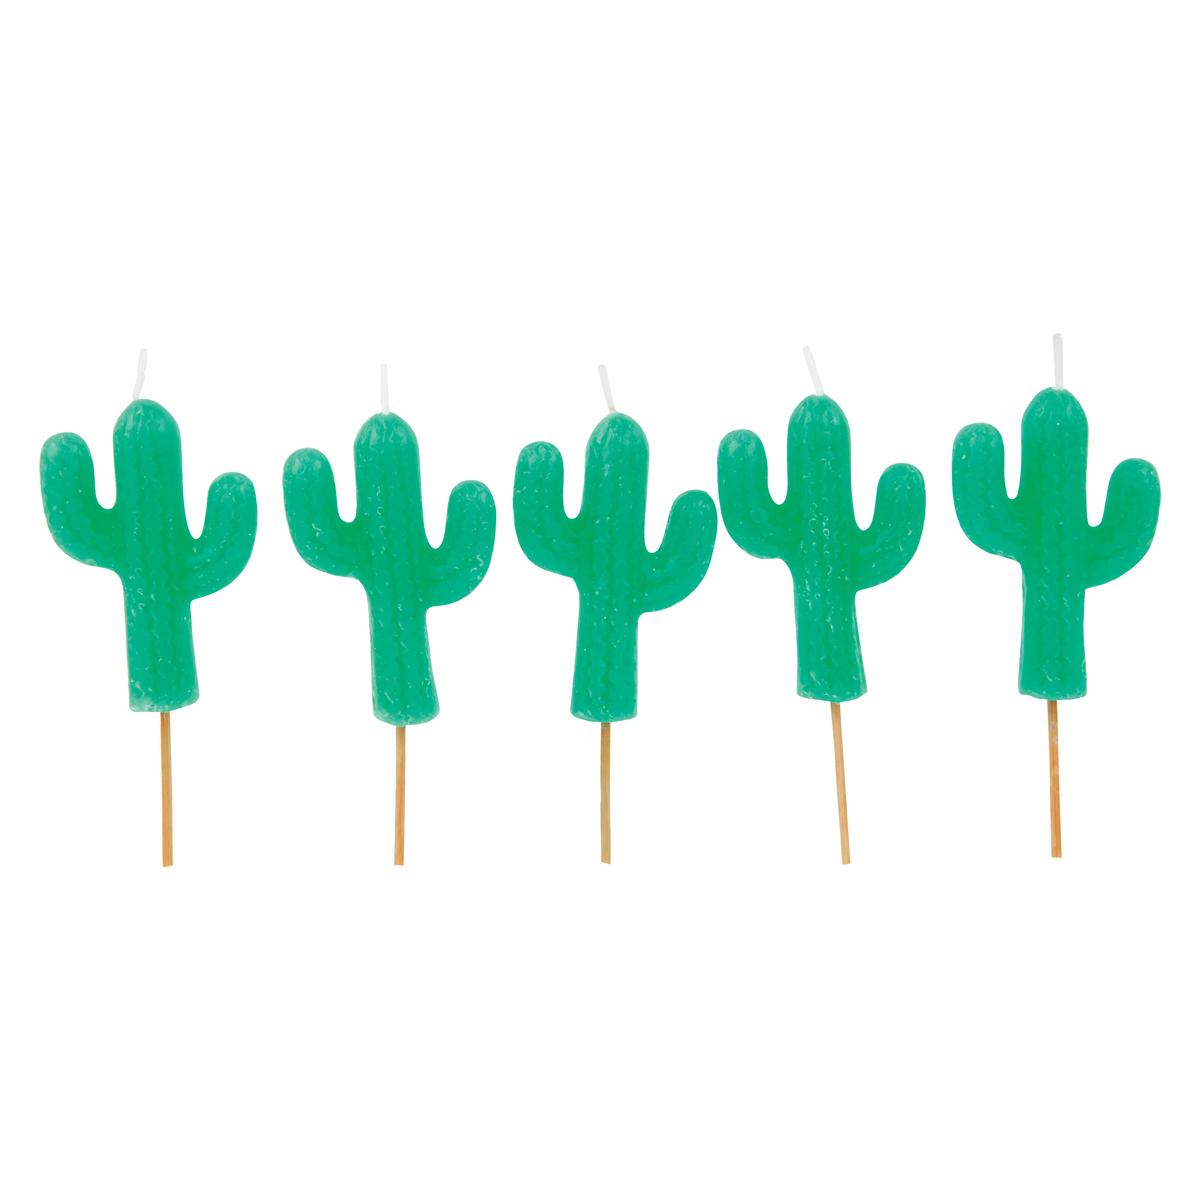 Anniversaire & Fête Lot de 5 bougies cactus Lot de 5 bougies cactus